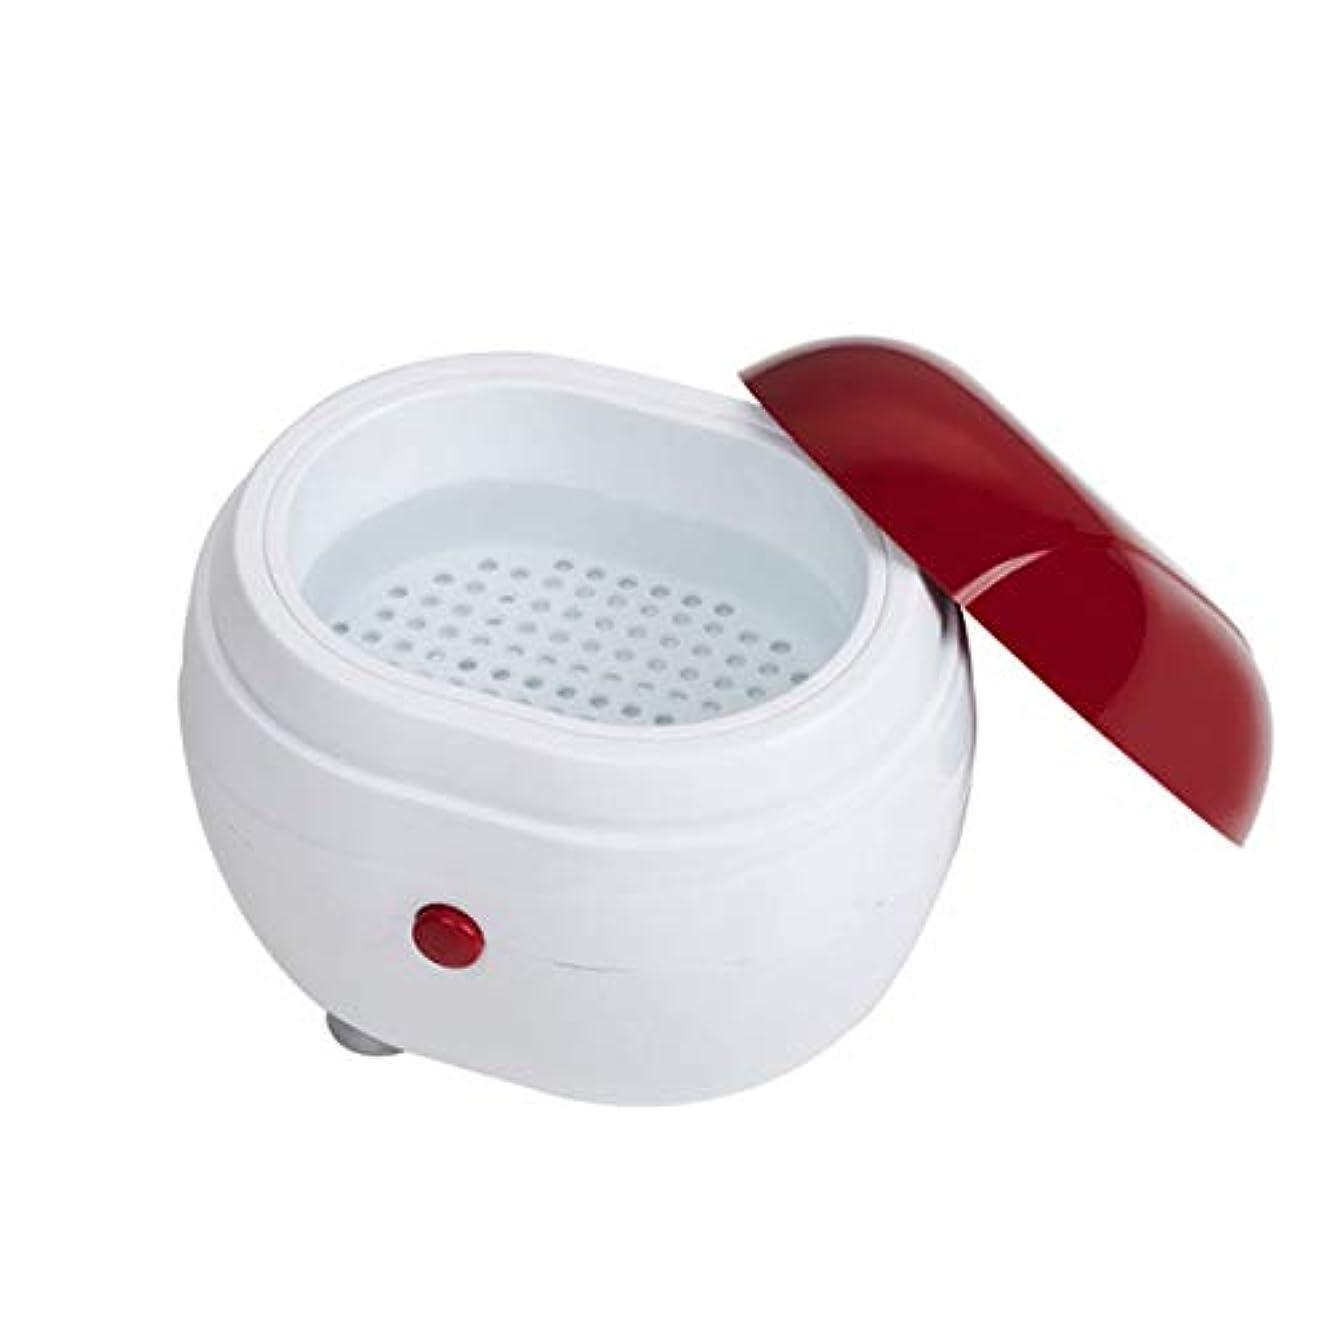 疲労報いる革命的ポータブル超音波洗濯機家庭用ジュエリーレンズ時計入れ歯クリーニング機洗濯機クリーナークリーニングボックス - 赤&白